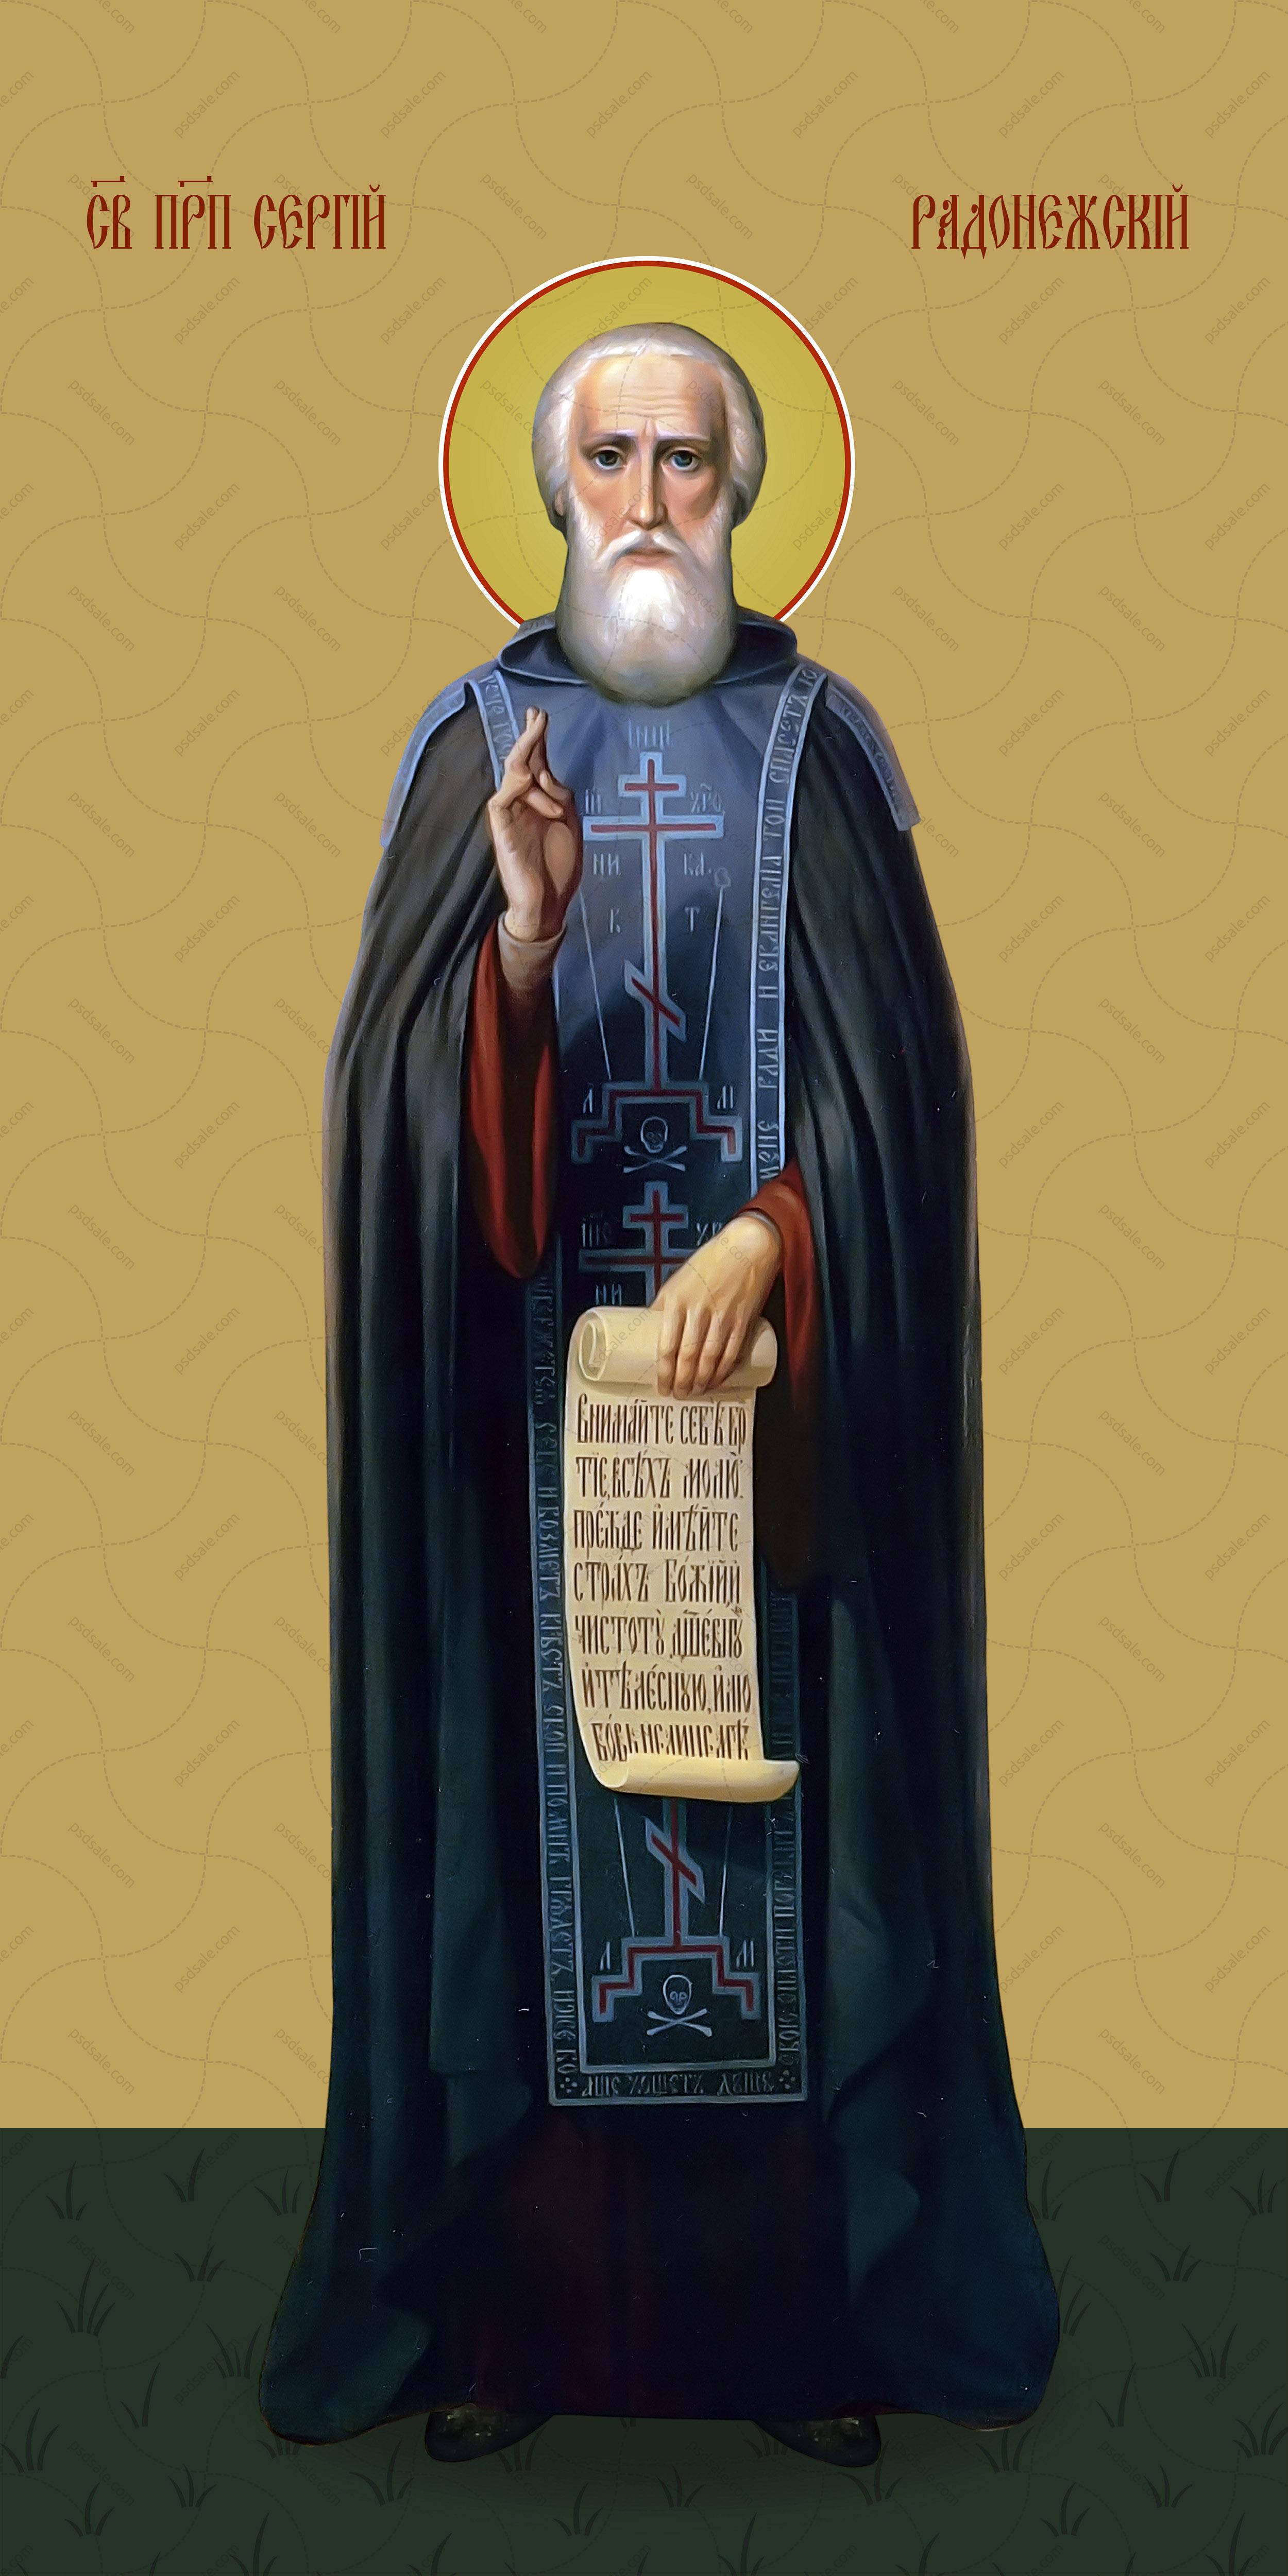 Мерная икона, Сергий Радонежский, преподобный